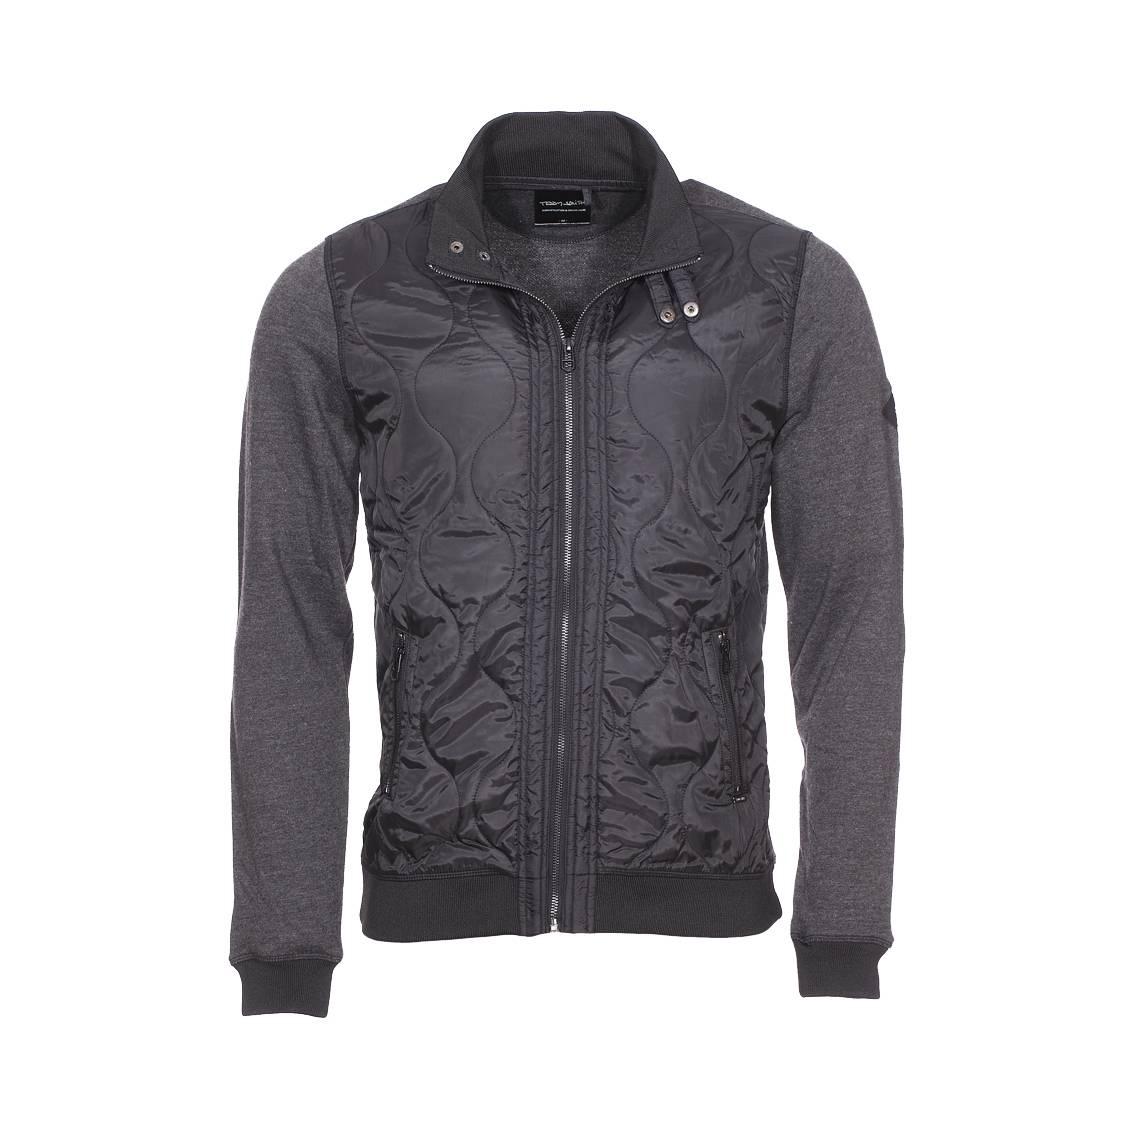 Sweat zippé geko  noire à manches gris antracite chiné